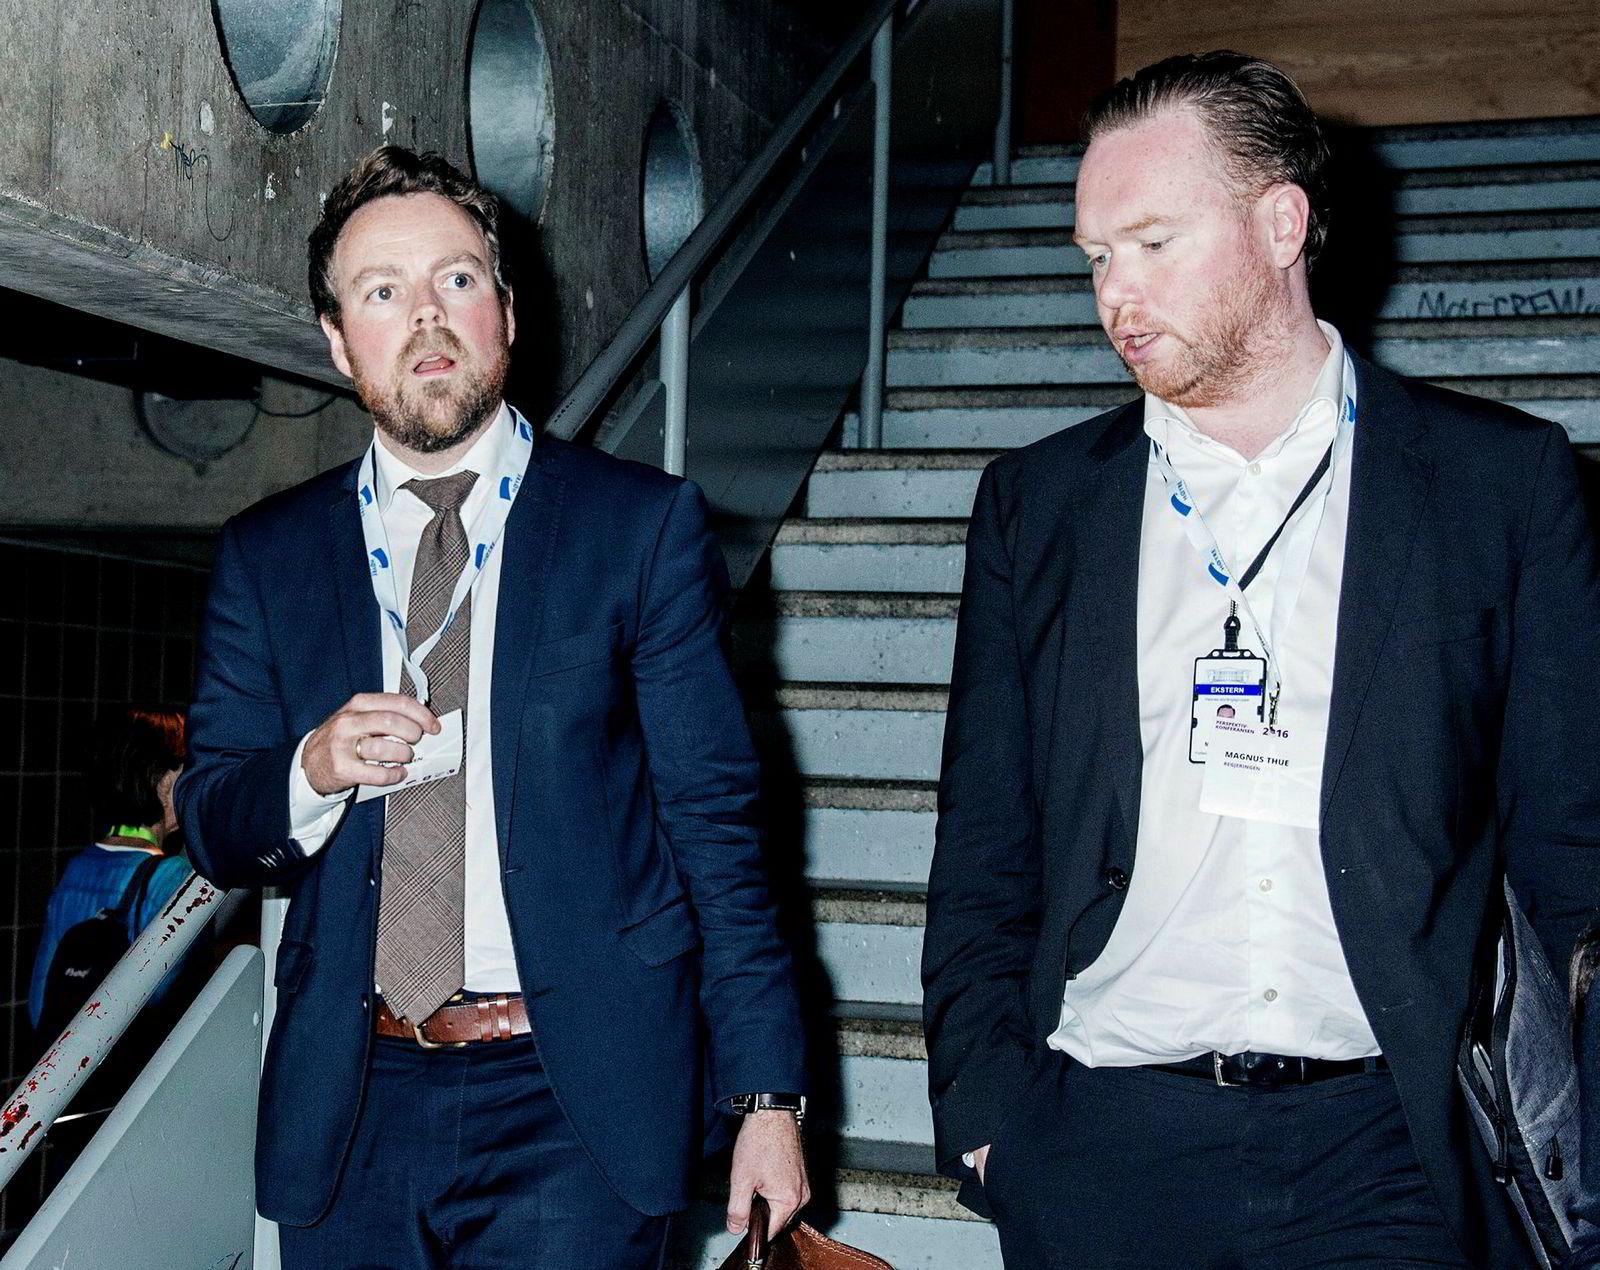 Magnue Thue (til høyre) er statssekretær for næringsminister Torbjørn Røe Isaksen og synes den svenske dommen som forbyr nettreisegigantenes prisklausuler er interessant. Men har vil ikke forskuttere hva departementet konkluderer med i saken